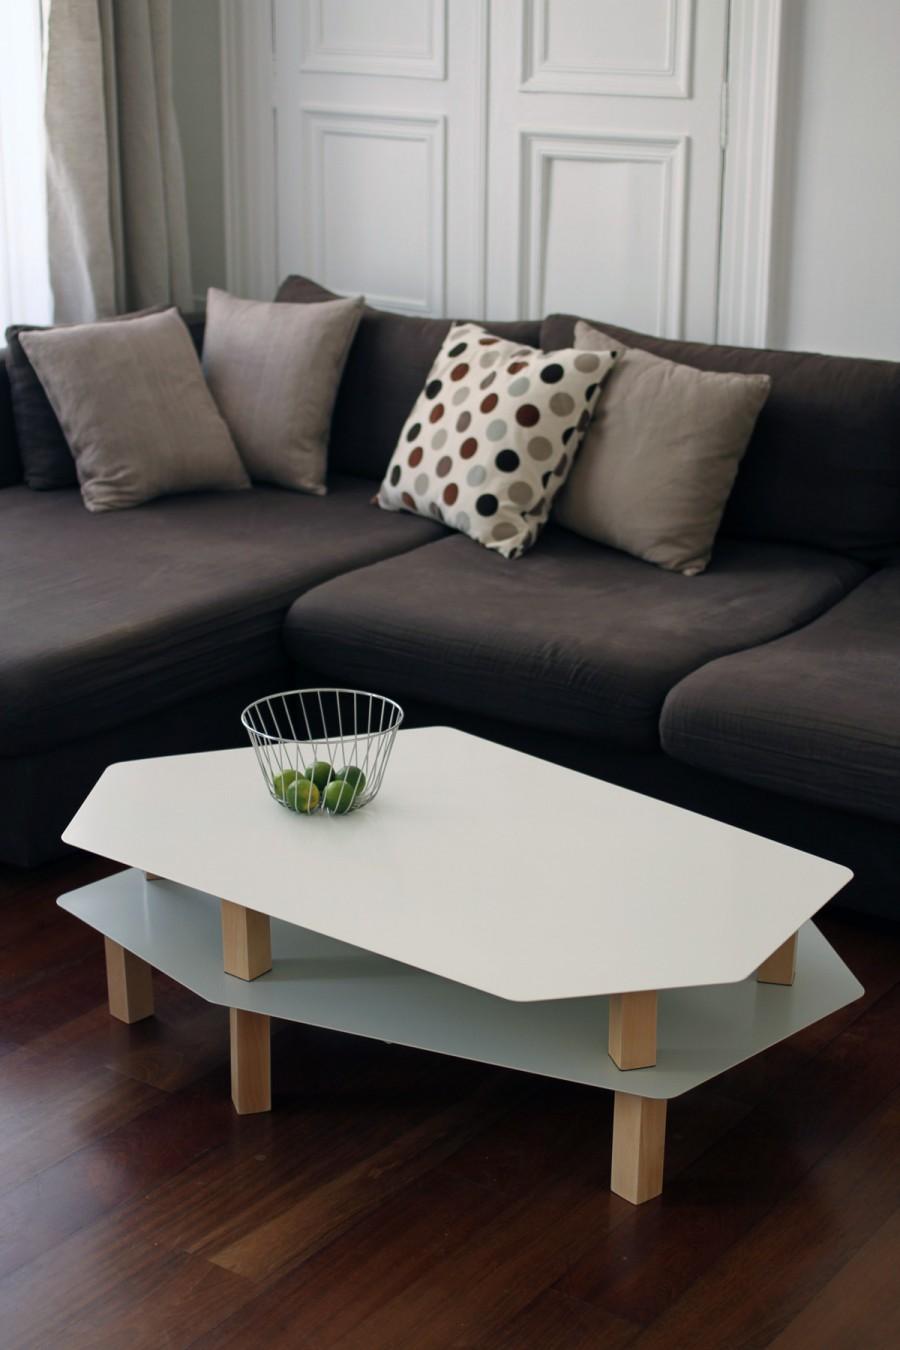 Table basse Kaggebo à double étages - en métal blanc et gris et en bois naturel - vue de face - double étages in situ